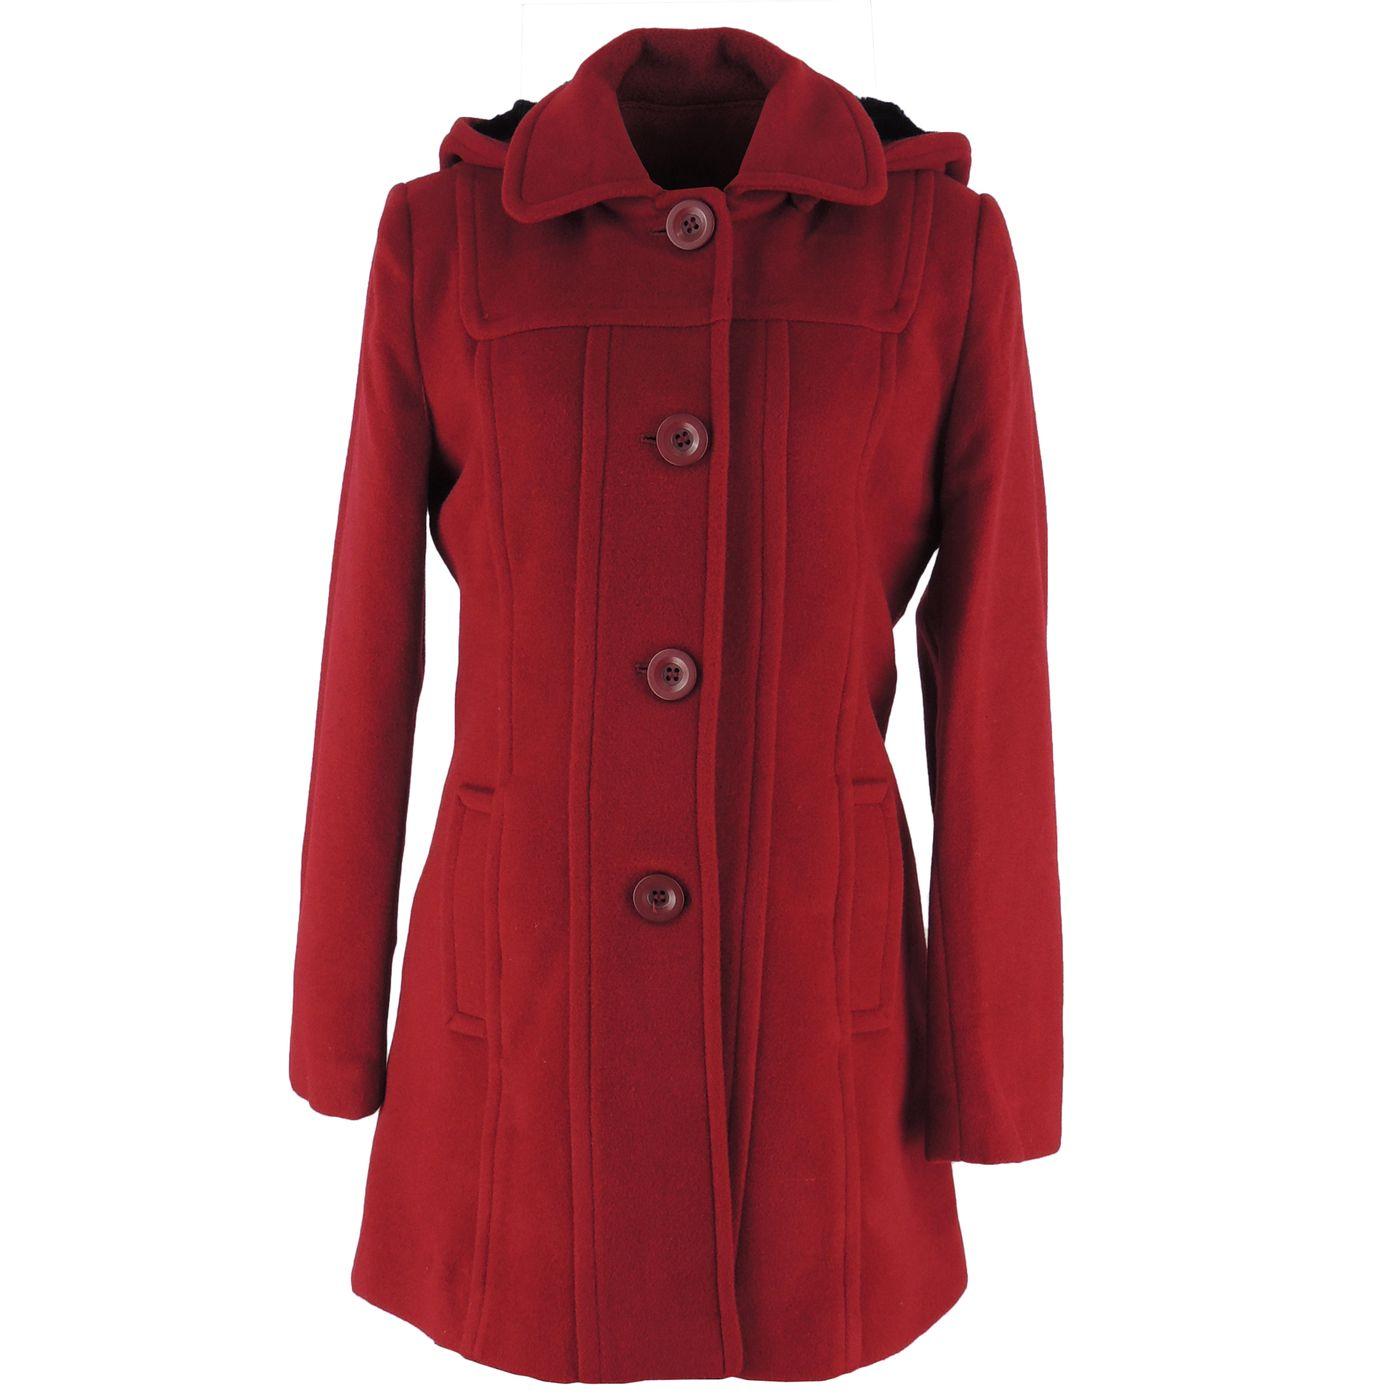 Casaco Longo para o frio em lã uruguaia Premium Berlim Vermelho - fieroshop a2f3f1f11ae64